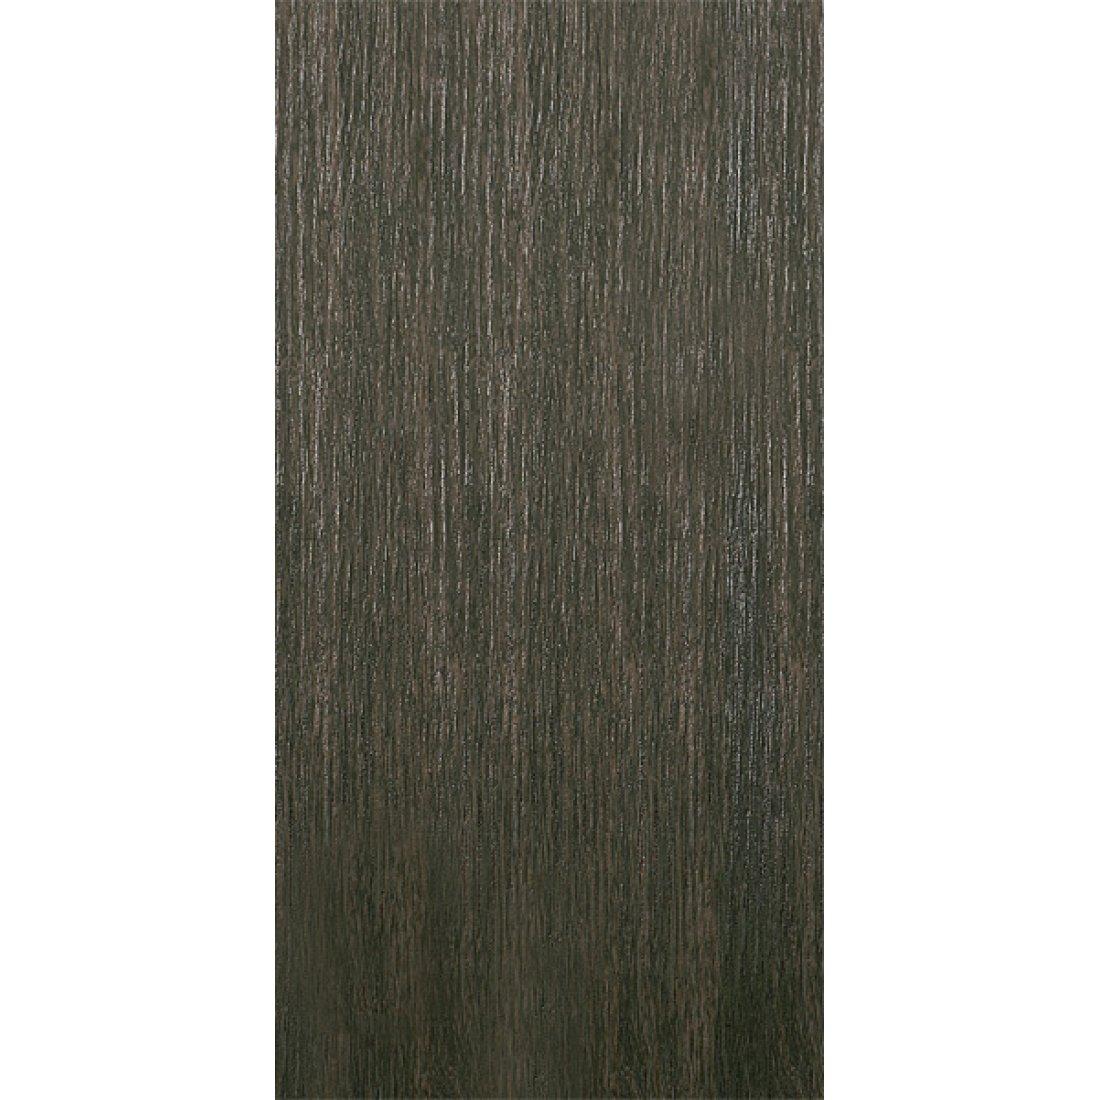 Амарено коричневый обрезной 30*60 керамический гранит KERAMA MARAZZI, артикул SG209000R